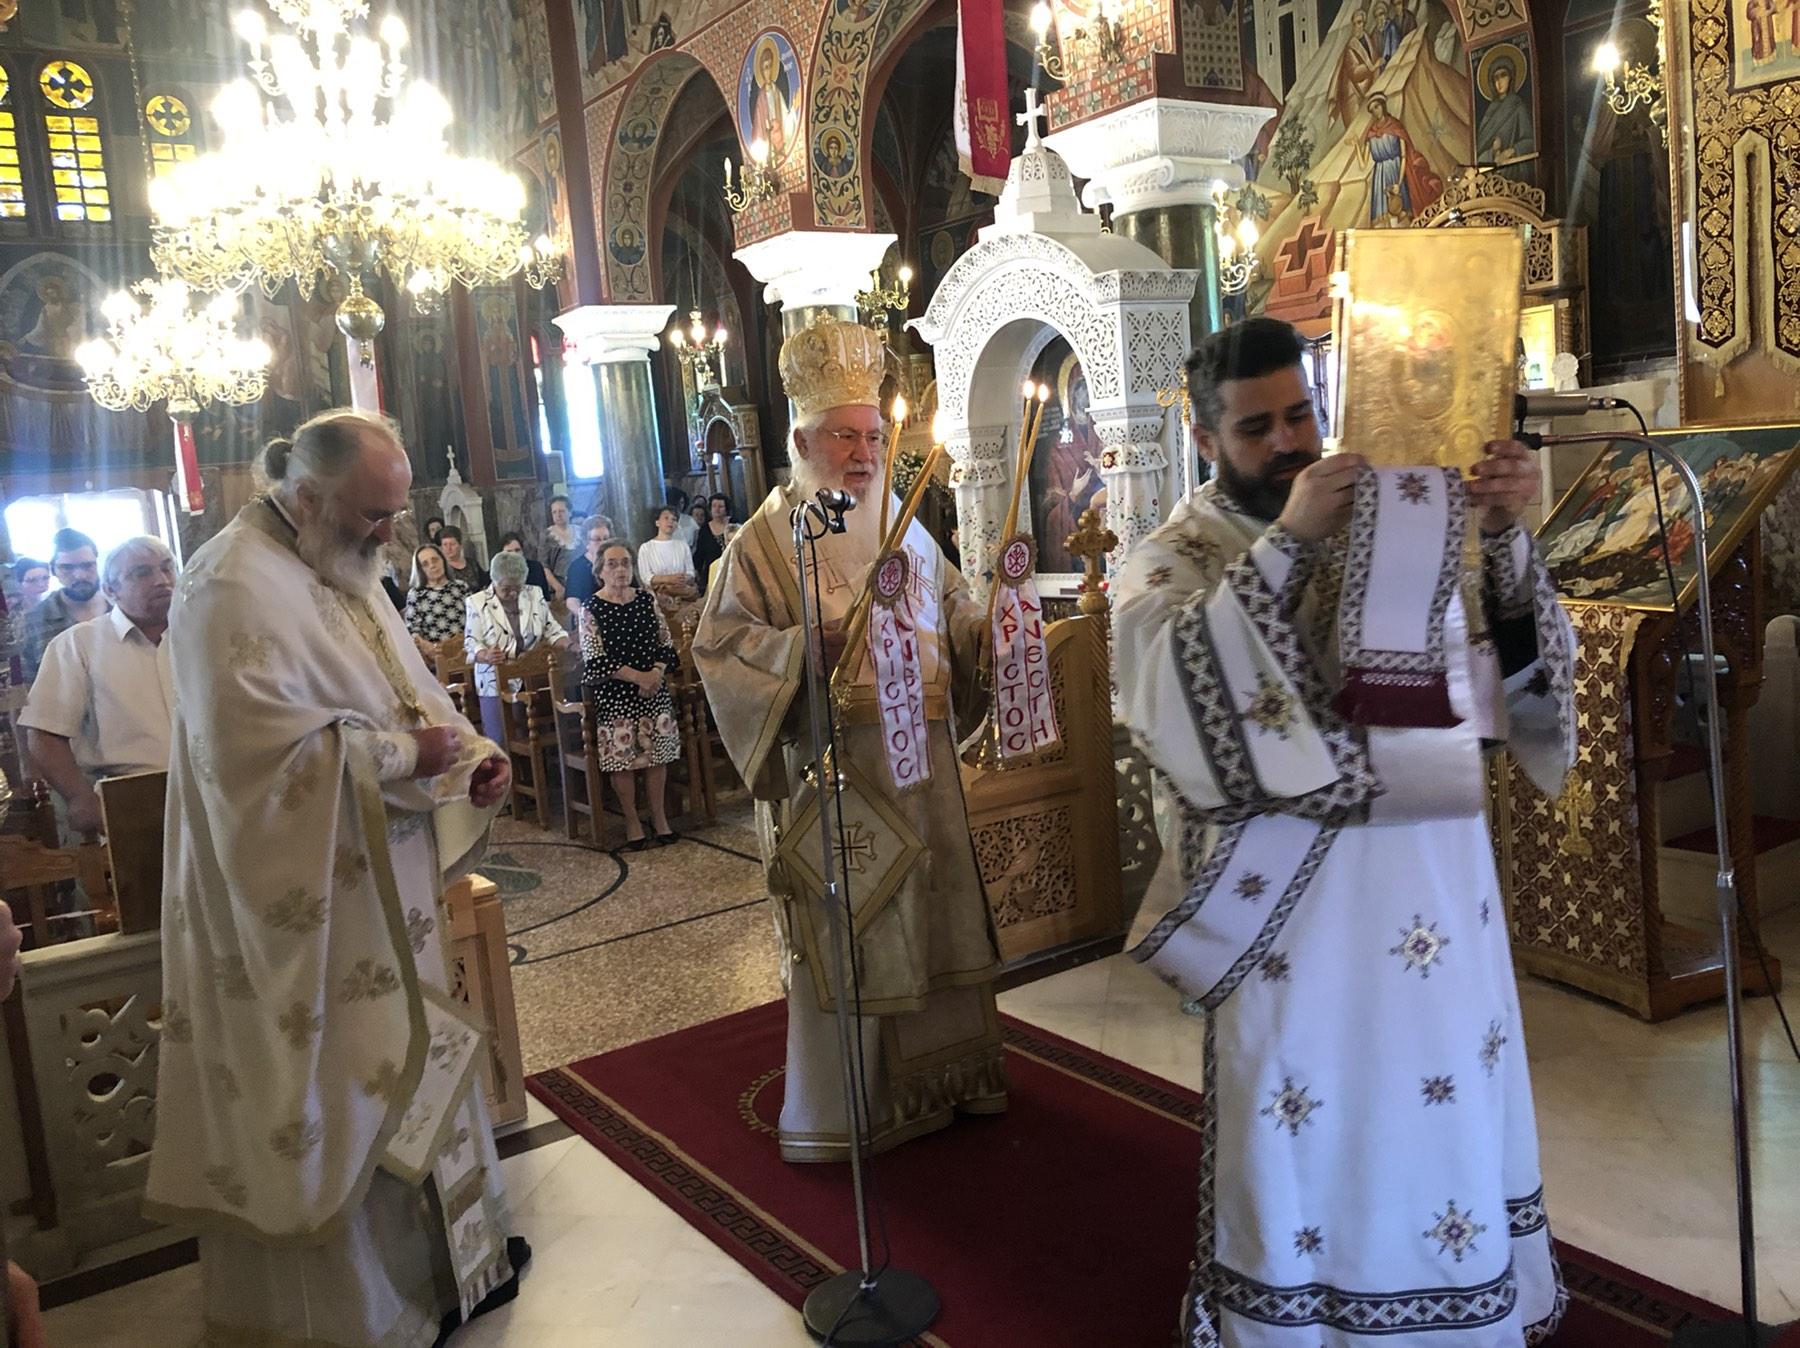 Βοιωτία :Εορτή Αγίων Κωνσταντίνου και Ελένης – Εορτή μετακομιδής ιερού λειψάνου Αγίου Νικολάου Μύρων της Λυκίας(ΦΩΤΟ)